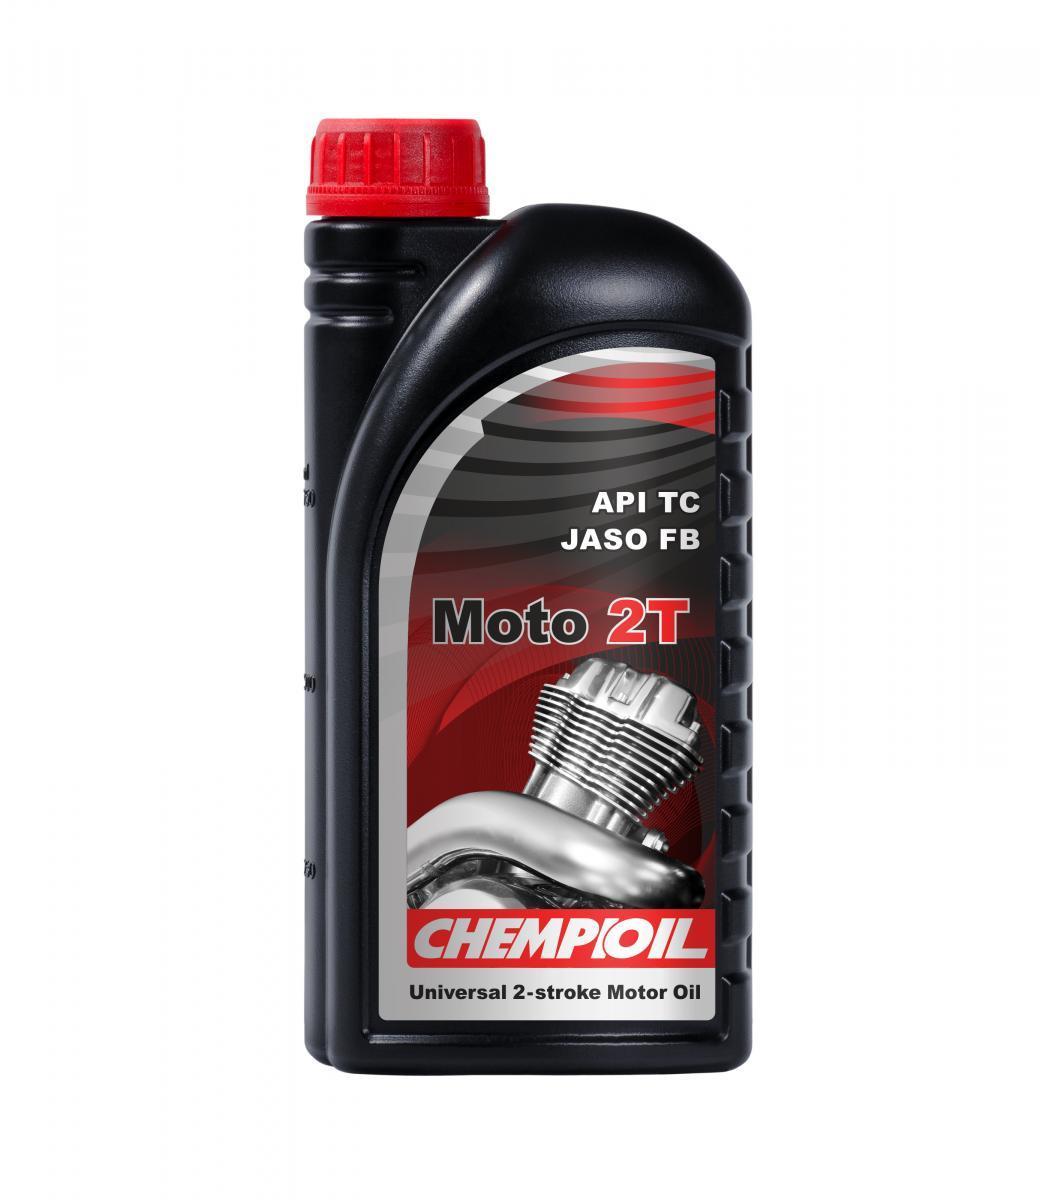 Motorolie CHEMPIOIL CH9201-1 ZIP PIAGGIO